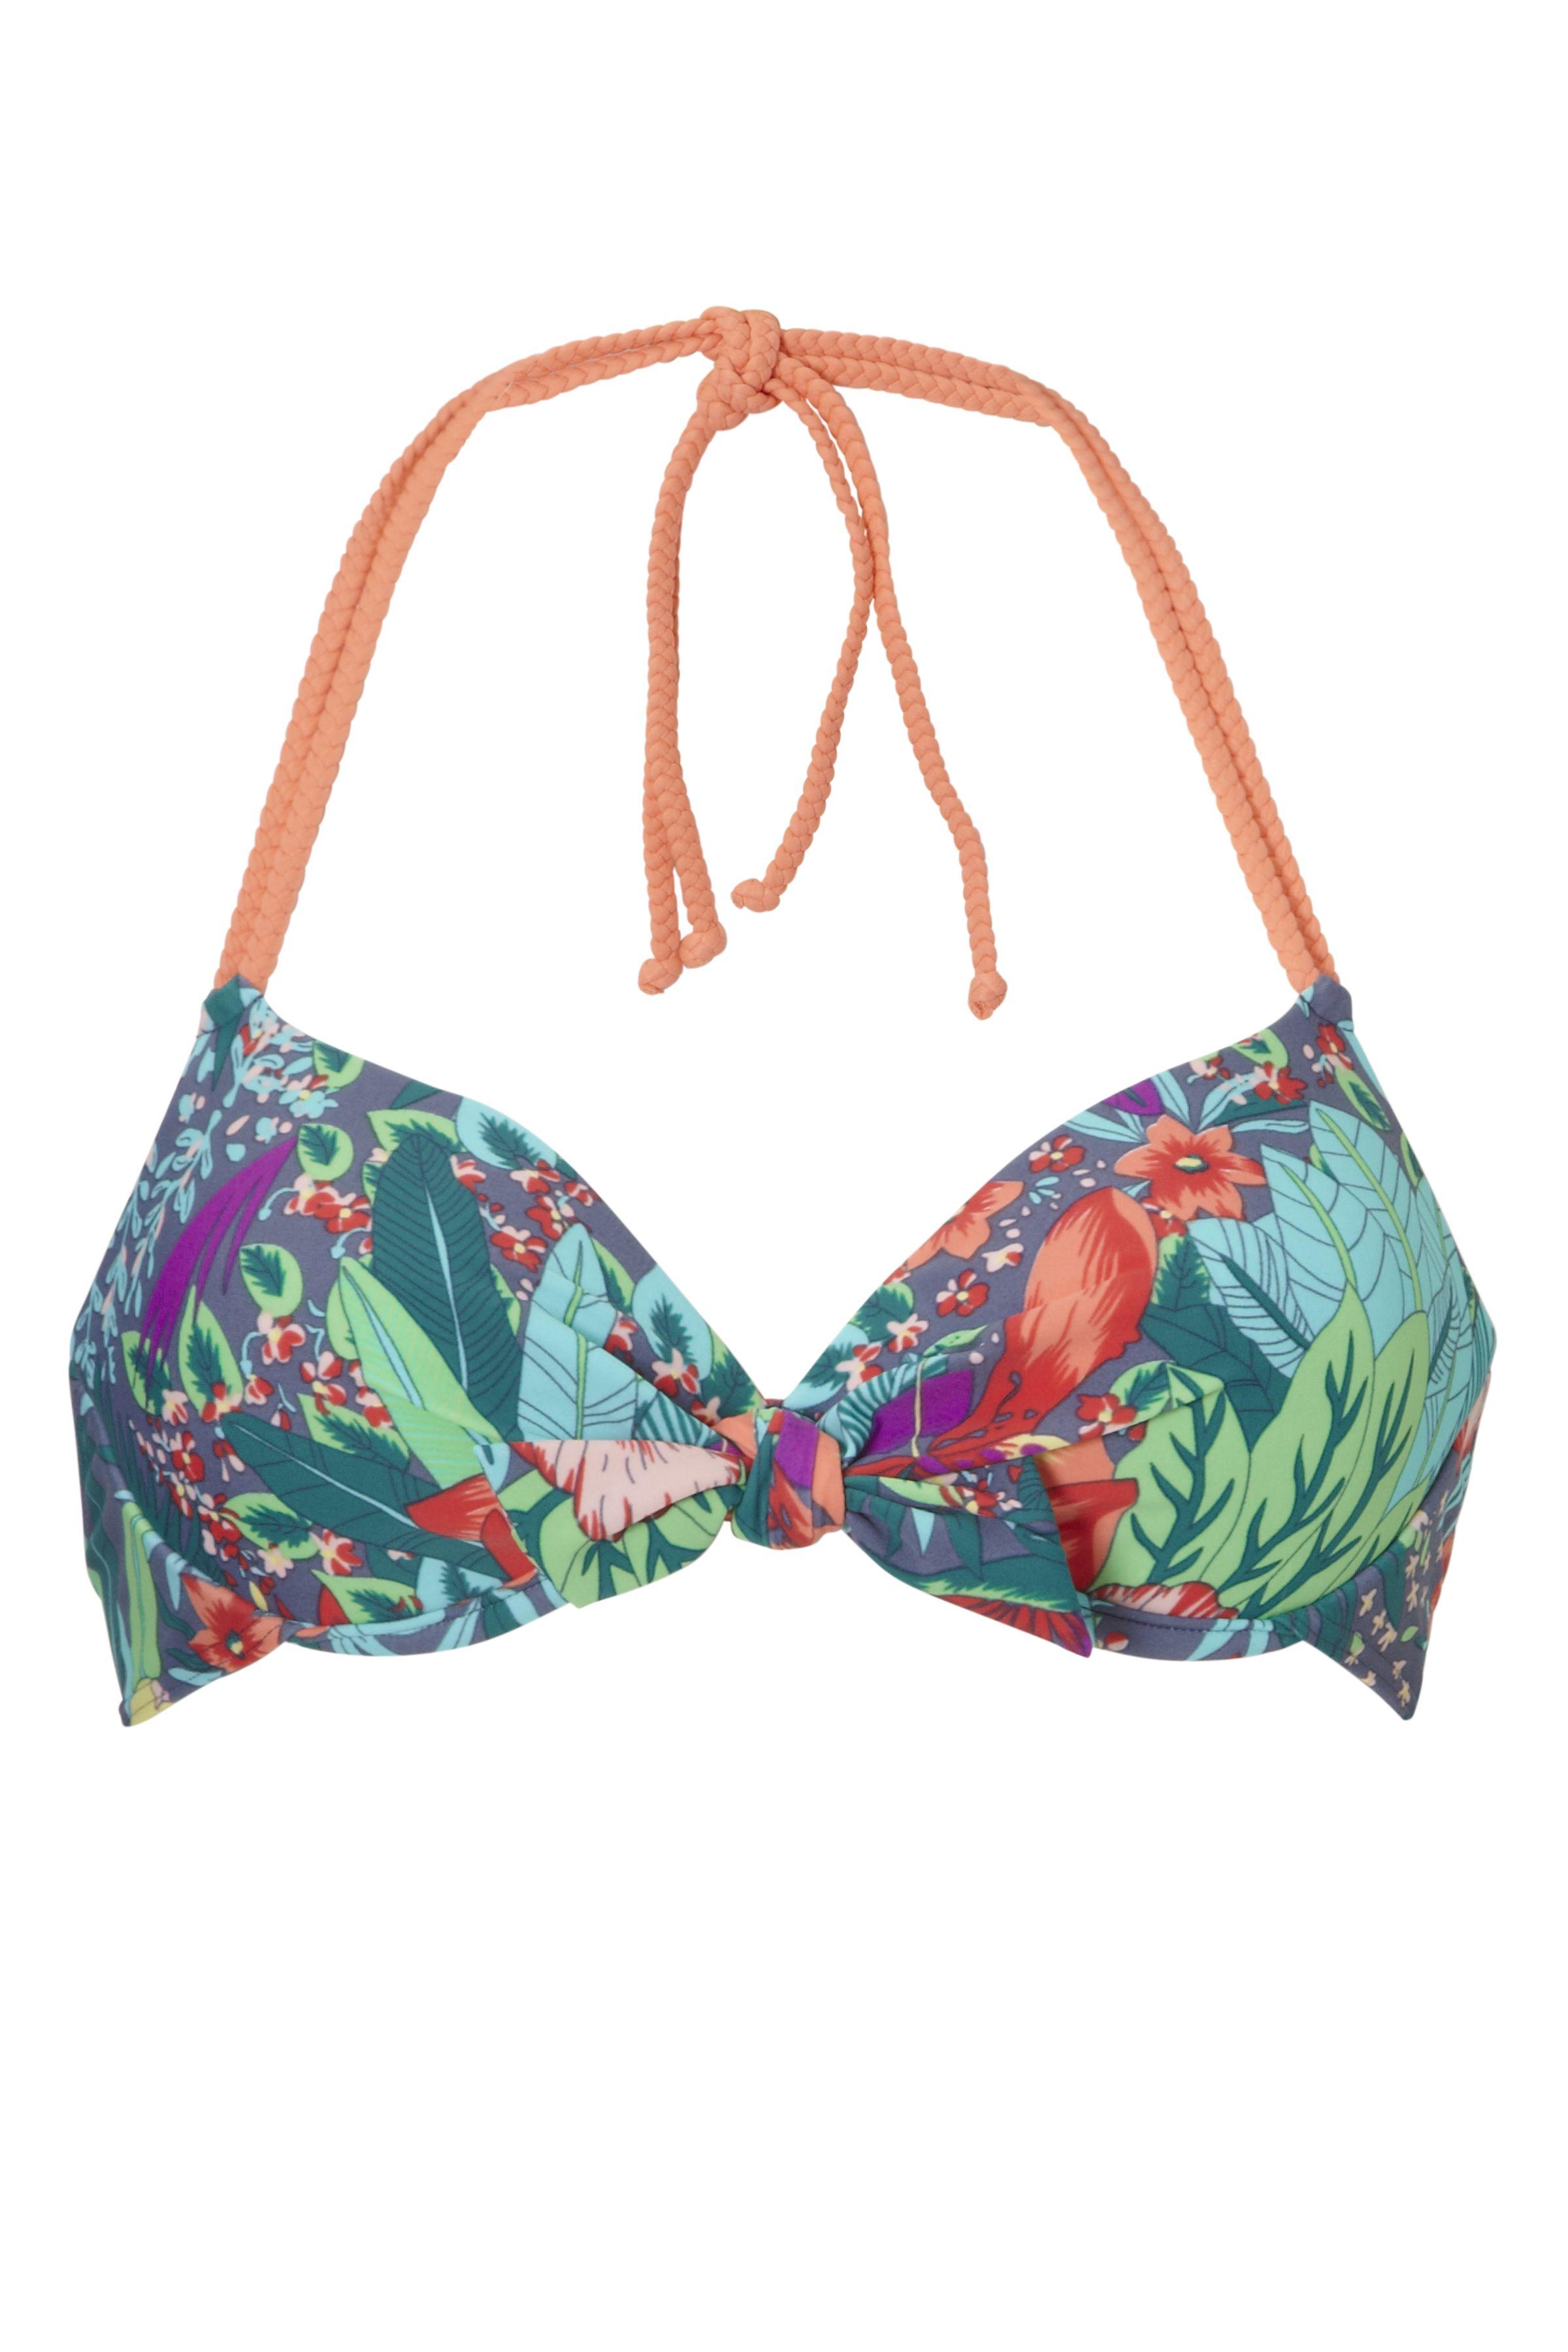 9c77d07744e395 Mix & match voorgevormde beugel bikini top van Livera in een vrolijke  jungle print. De